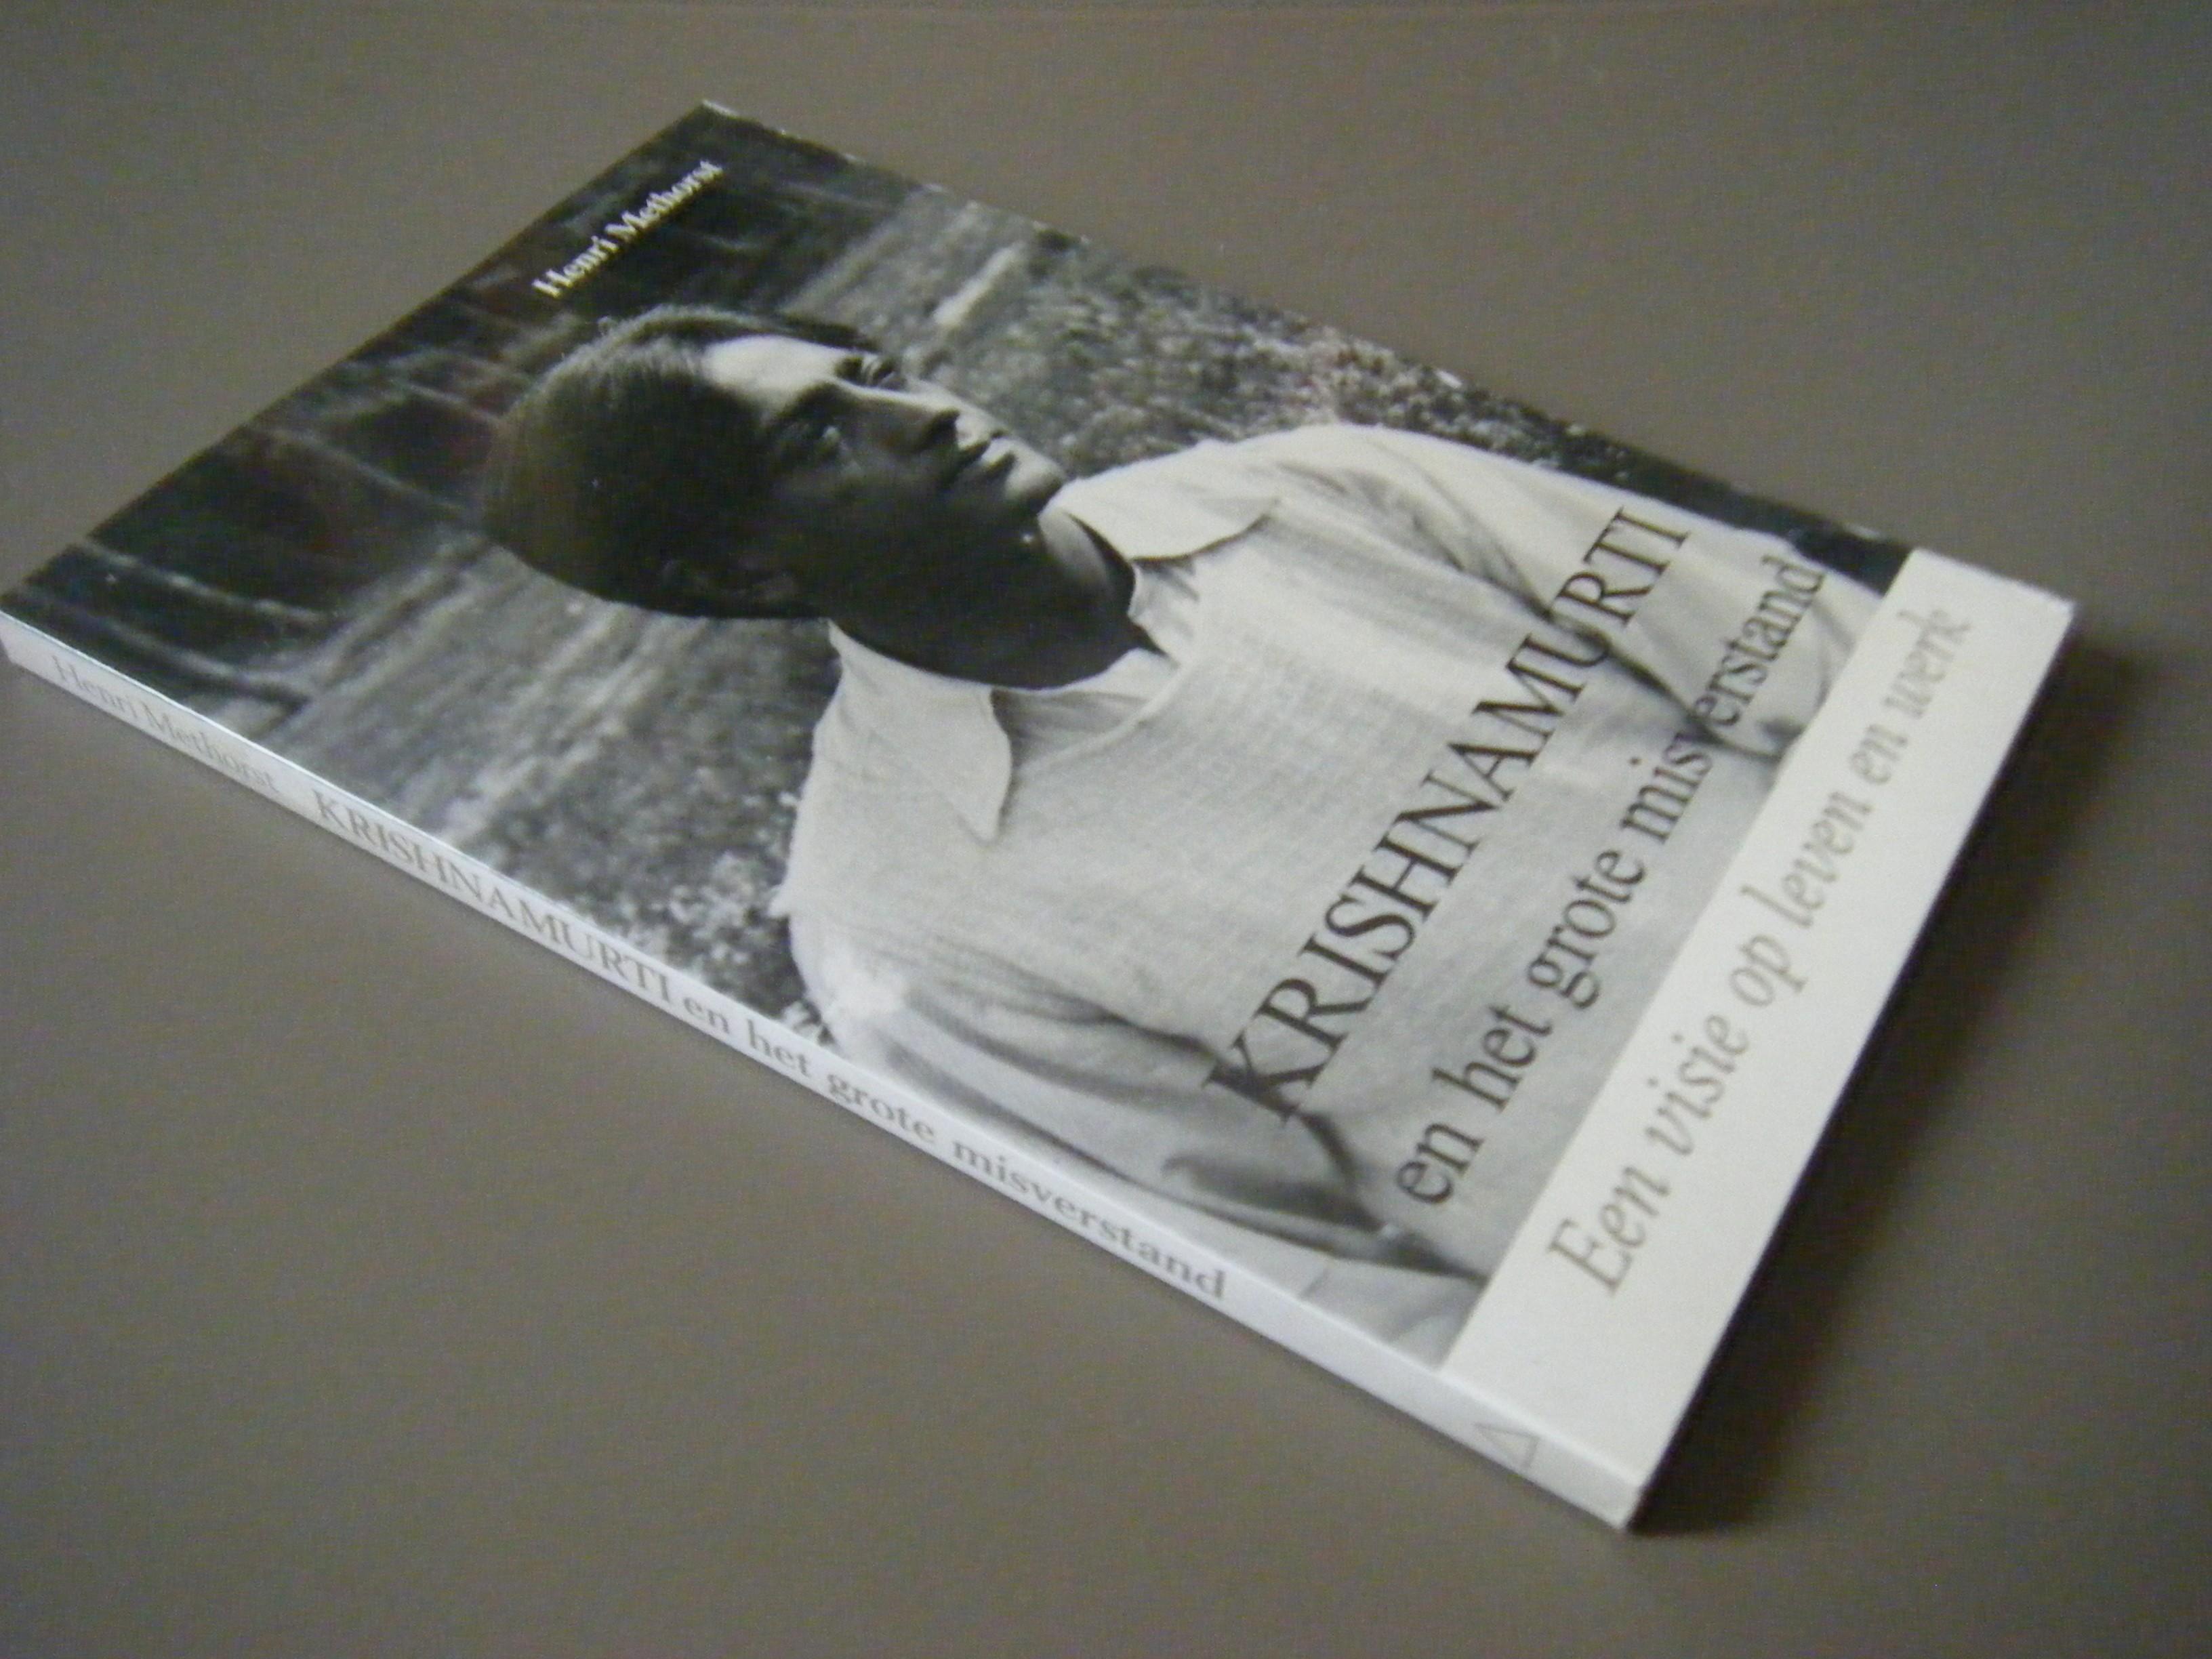 Methorst, Henri - Krishnamurti en het grote misverstand. Een visie op leven en werk.